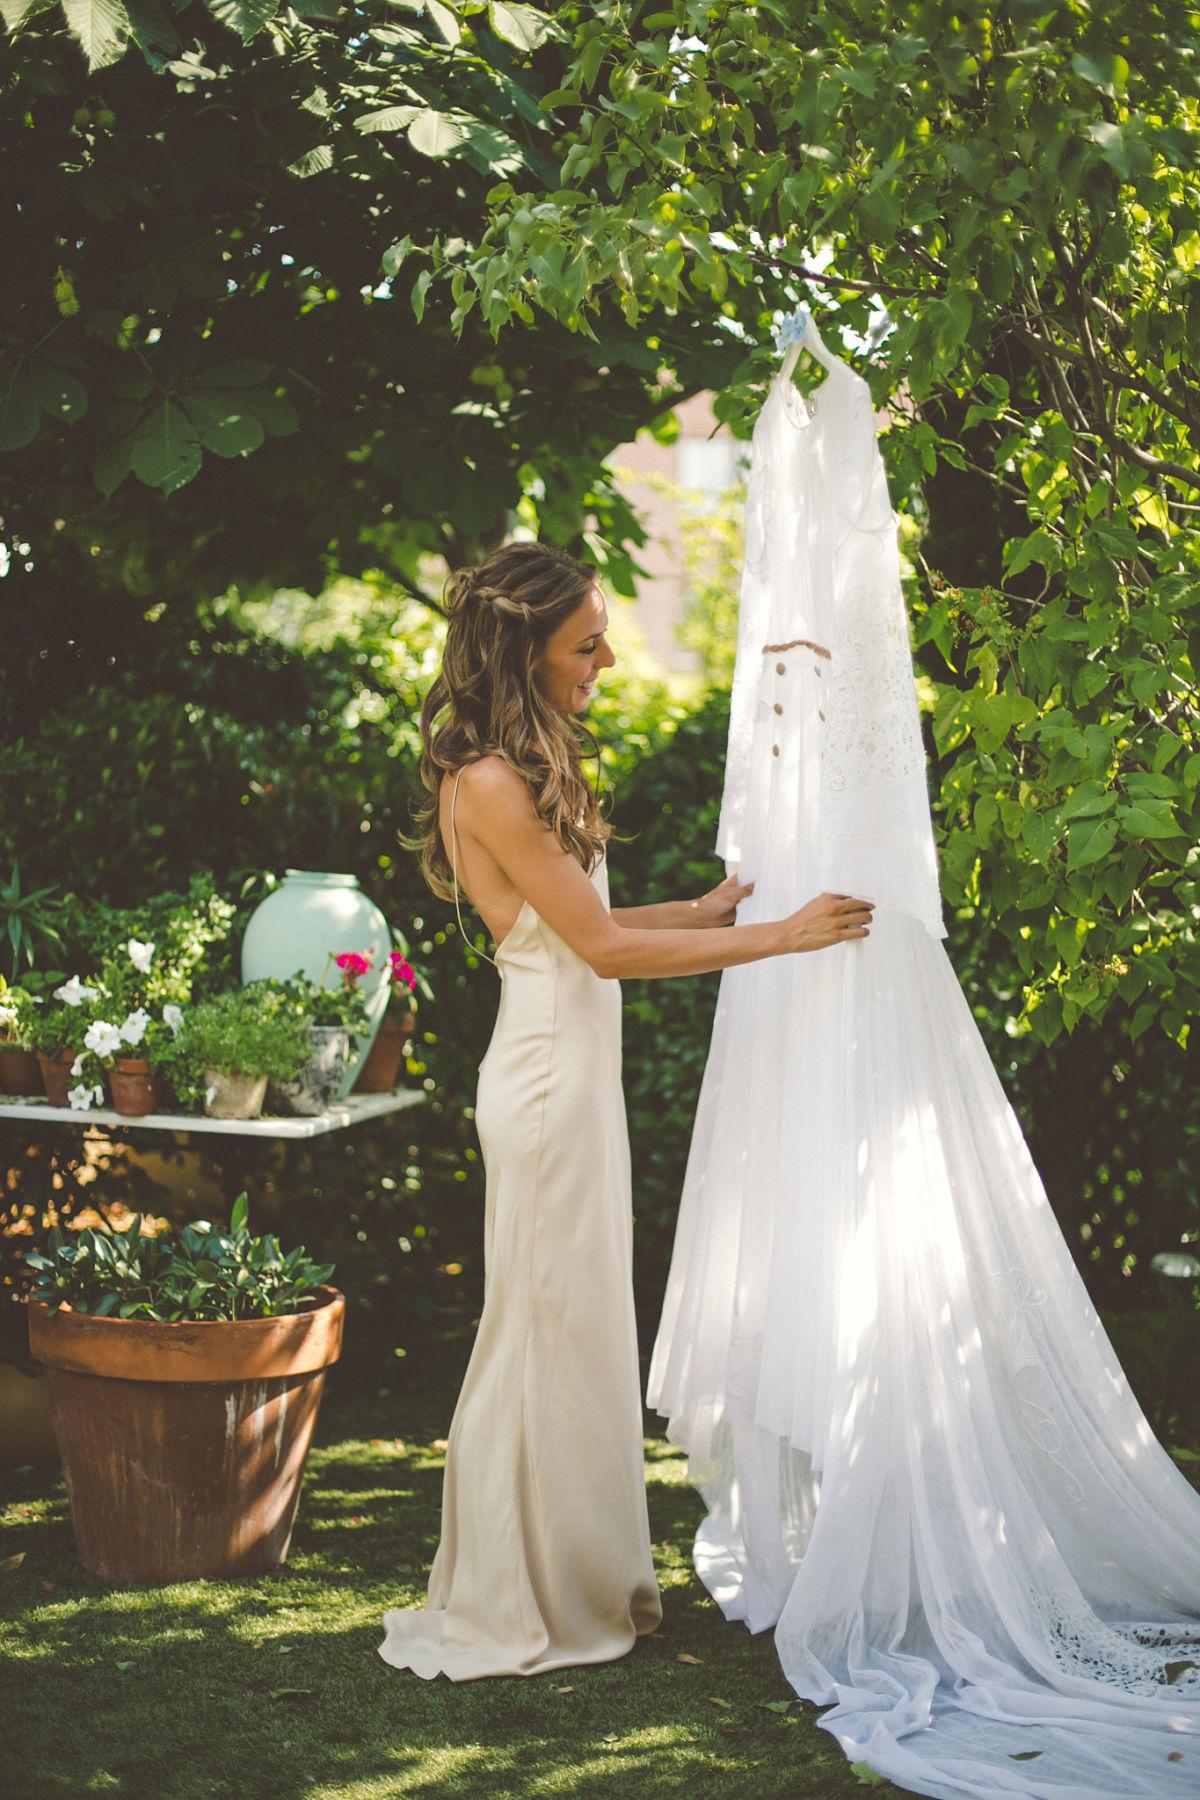 calista-one-lista-de-bodas-online-blog-de-bodas-inpisracion-bodas-lucia-volvoreta-38